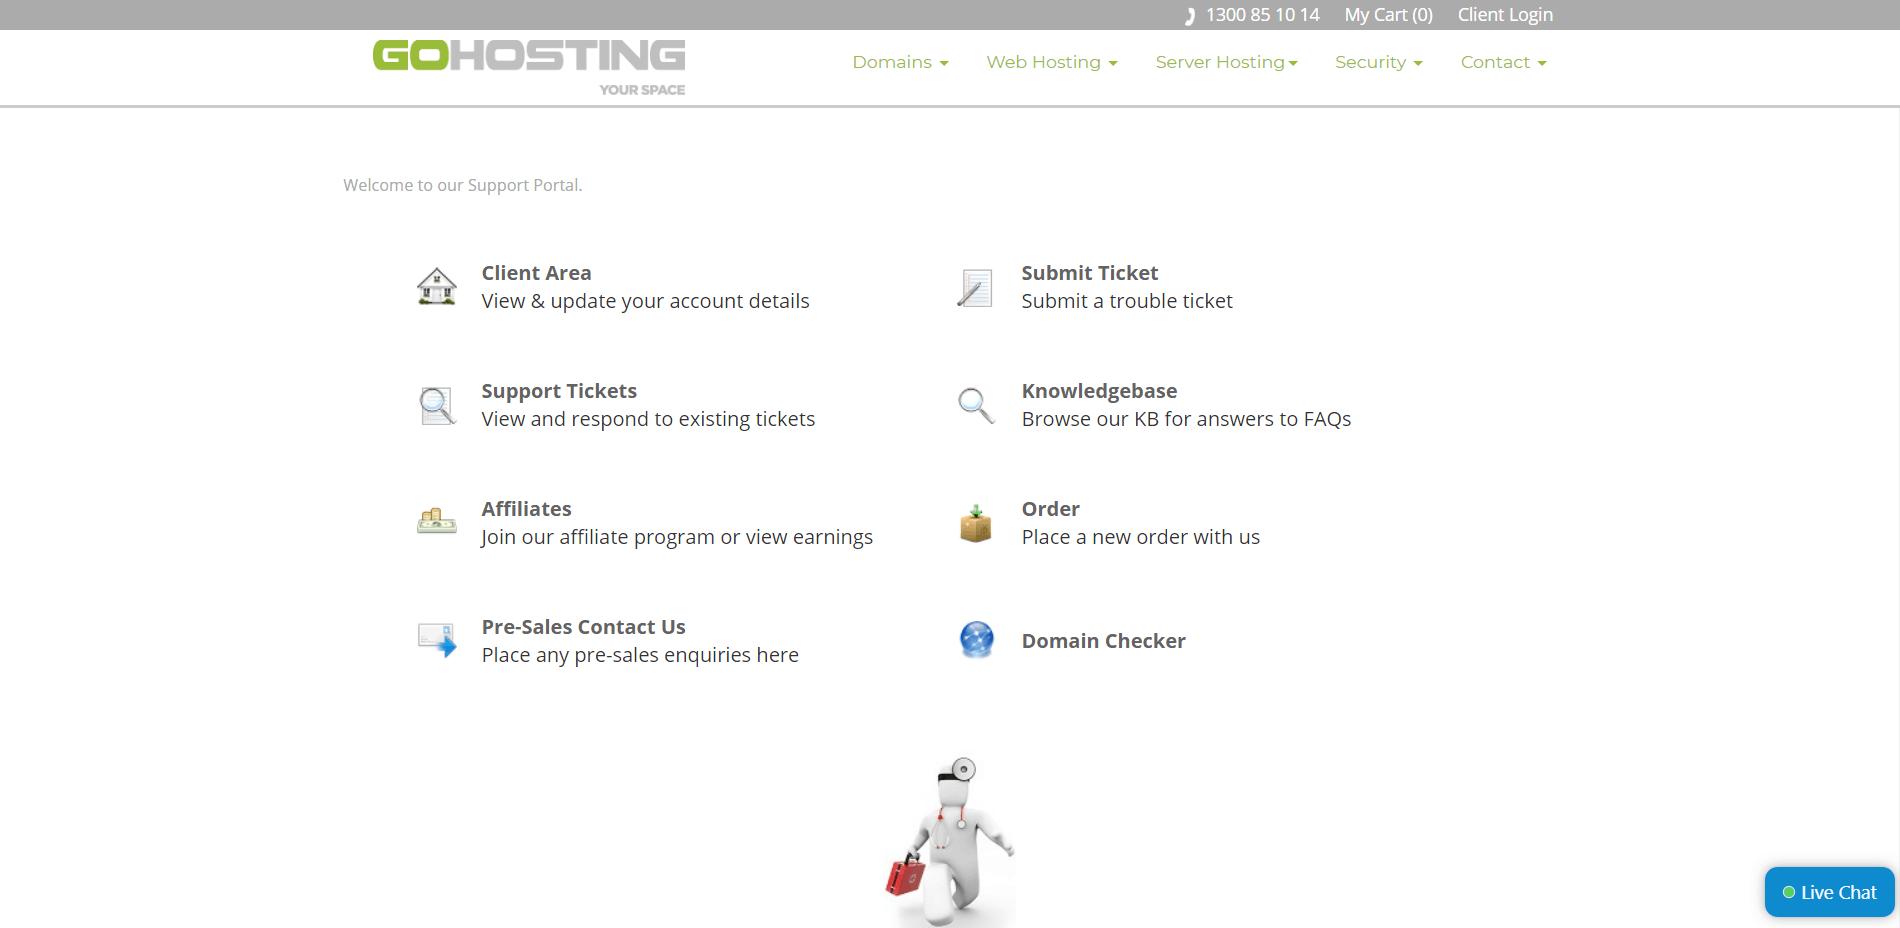 gohosting-support